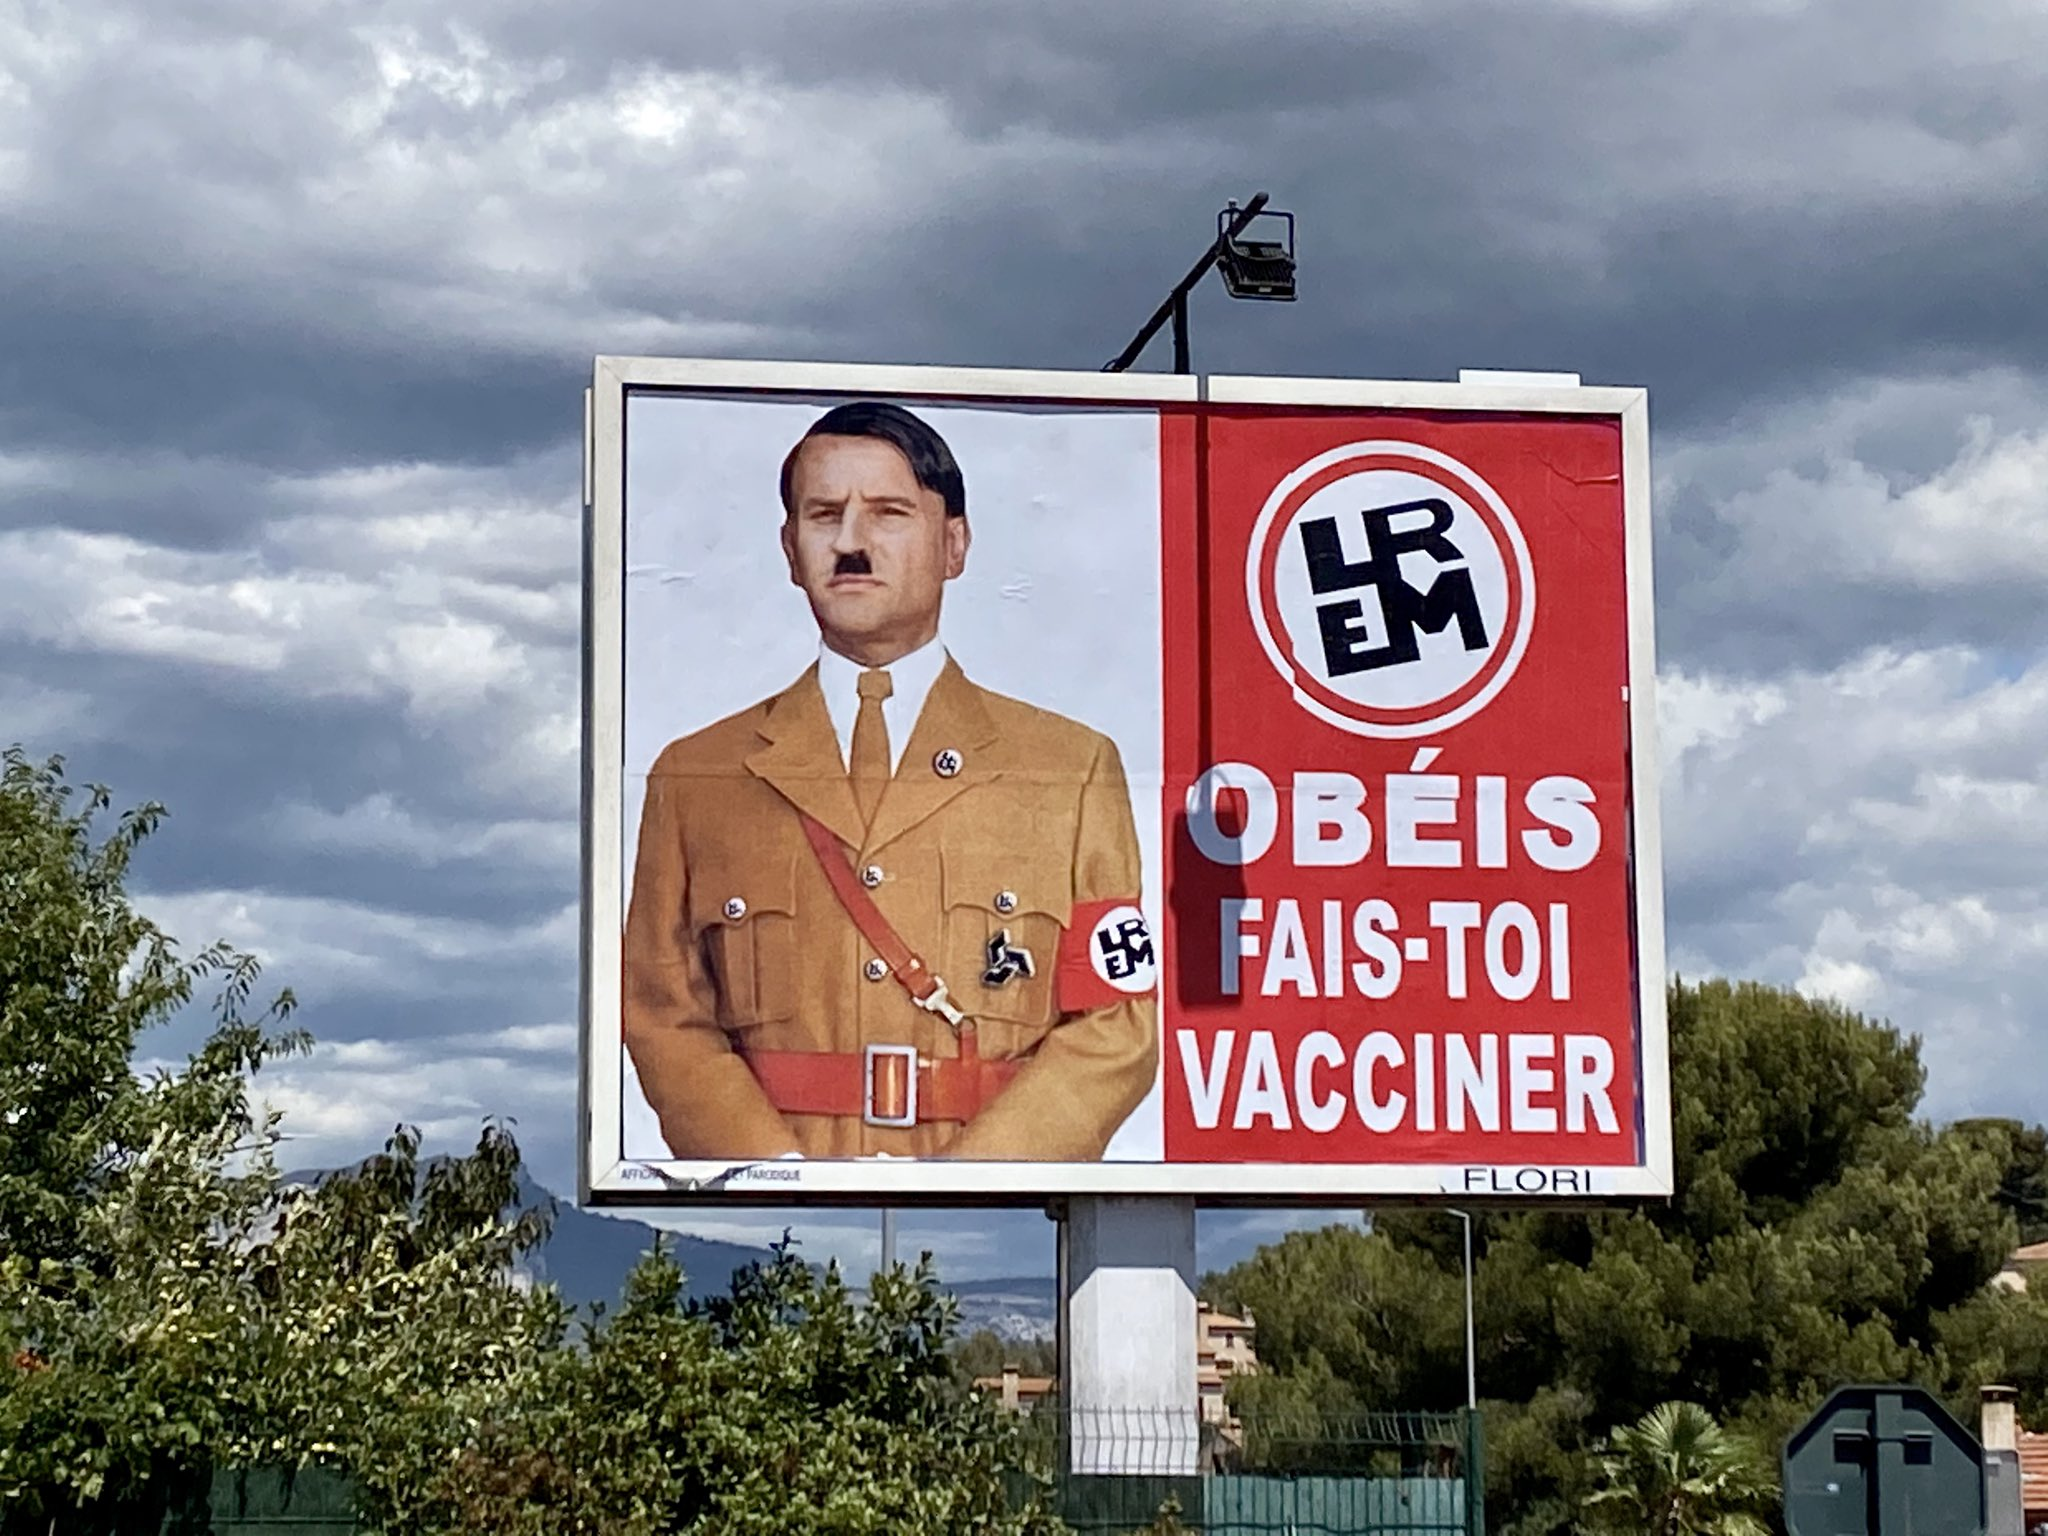 Coup de gueule contre tous les obersturmführers de cette dictature sanitaire